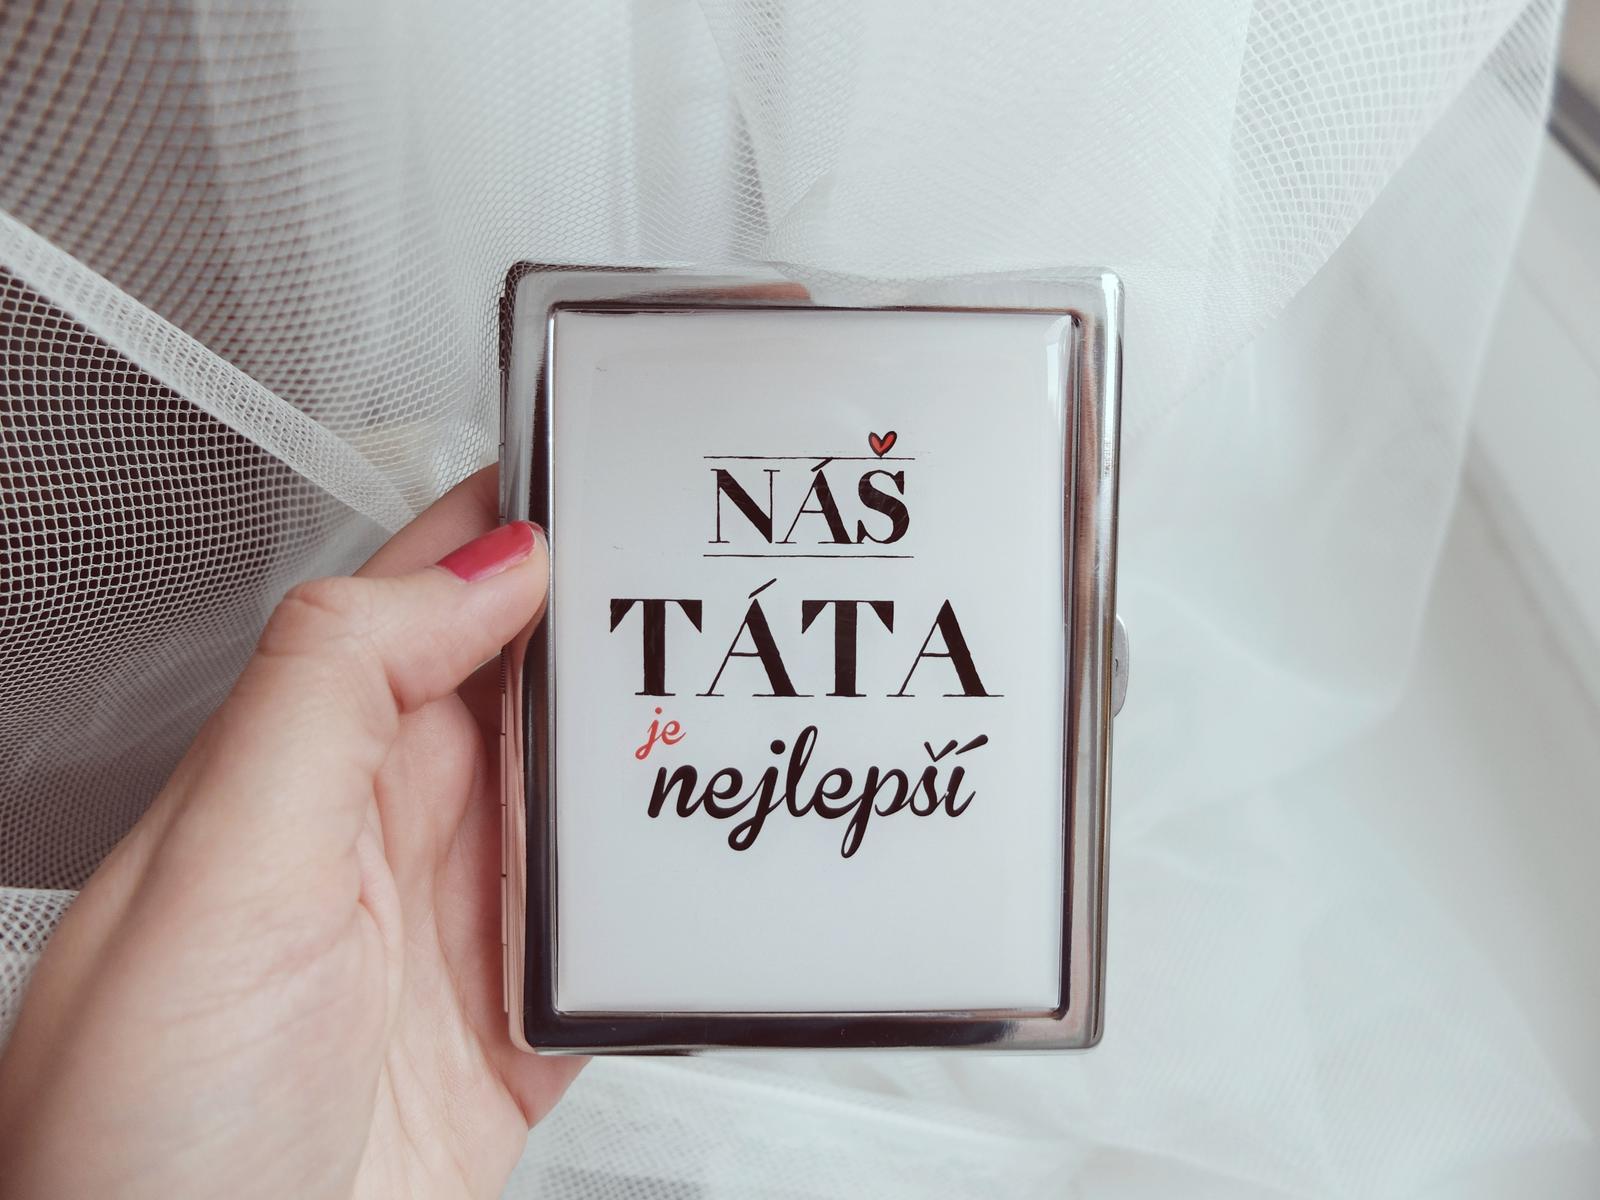 Dárečky pro rodiče a svědky - http://designempathy.cz/home/1148-tabaterka-na-prani-.html?search_query=tabaterka+na+prani&results=43